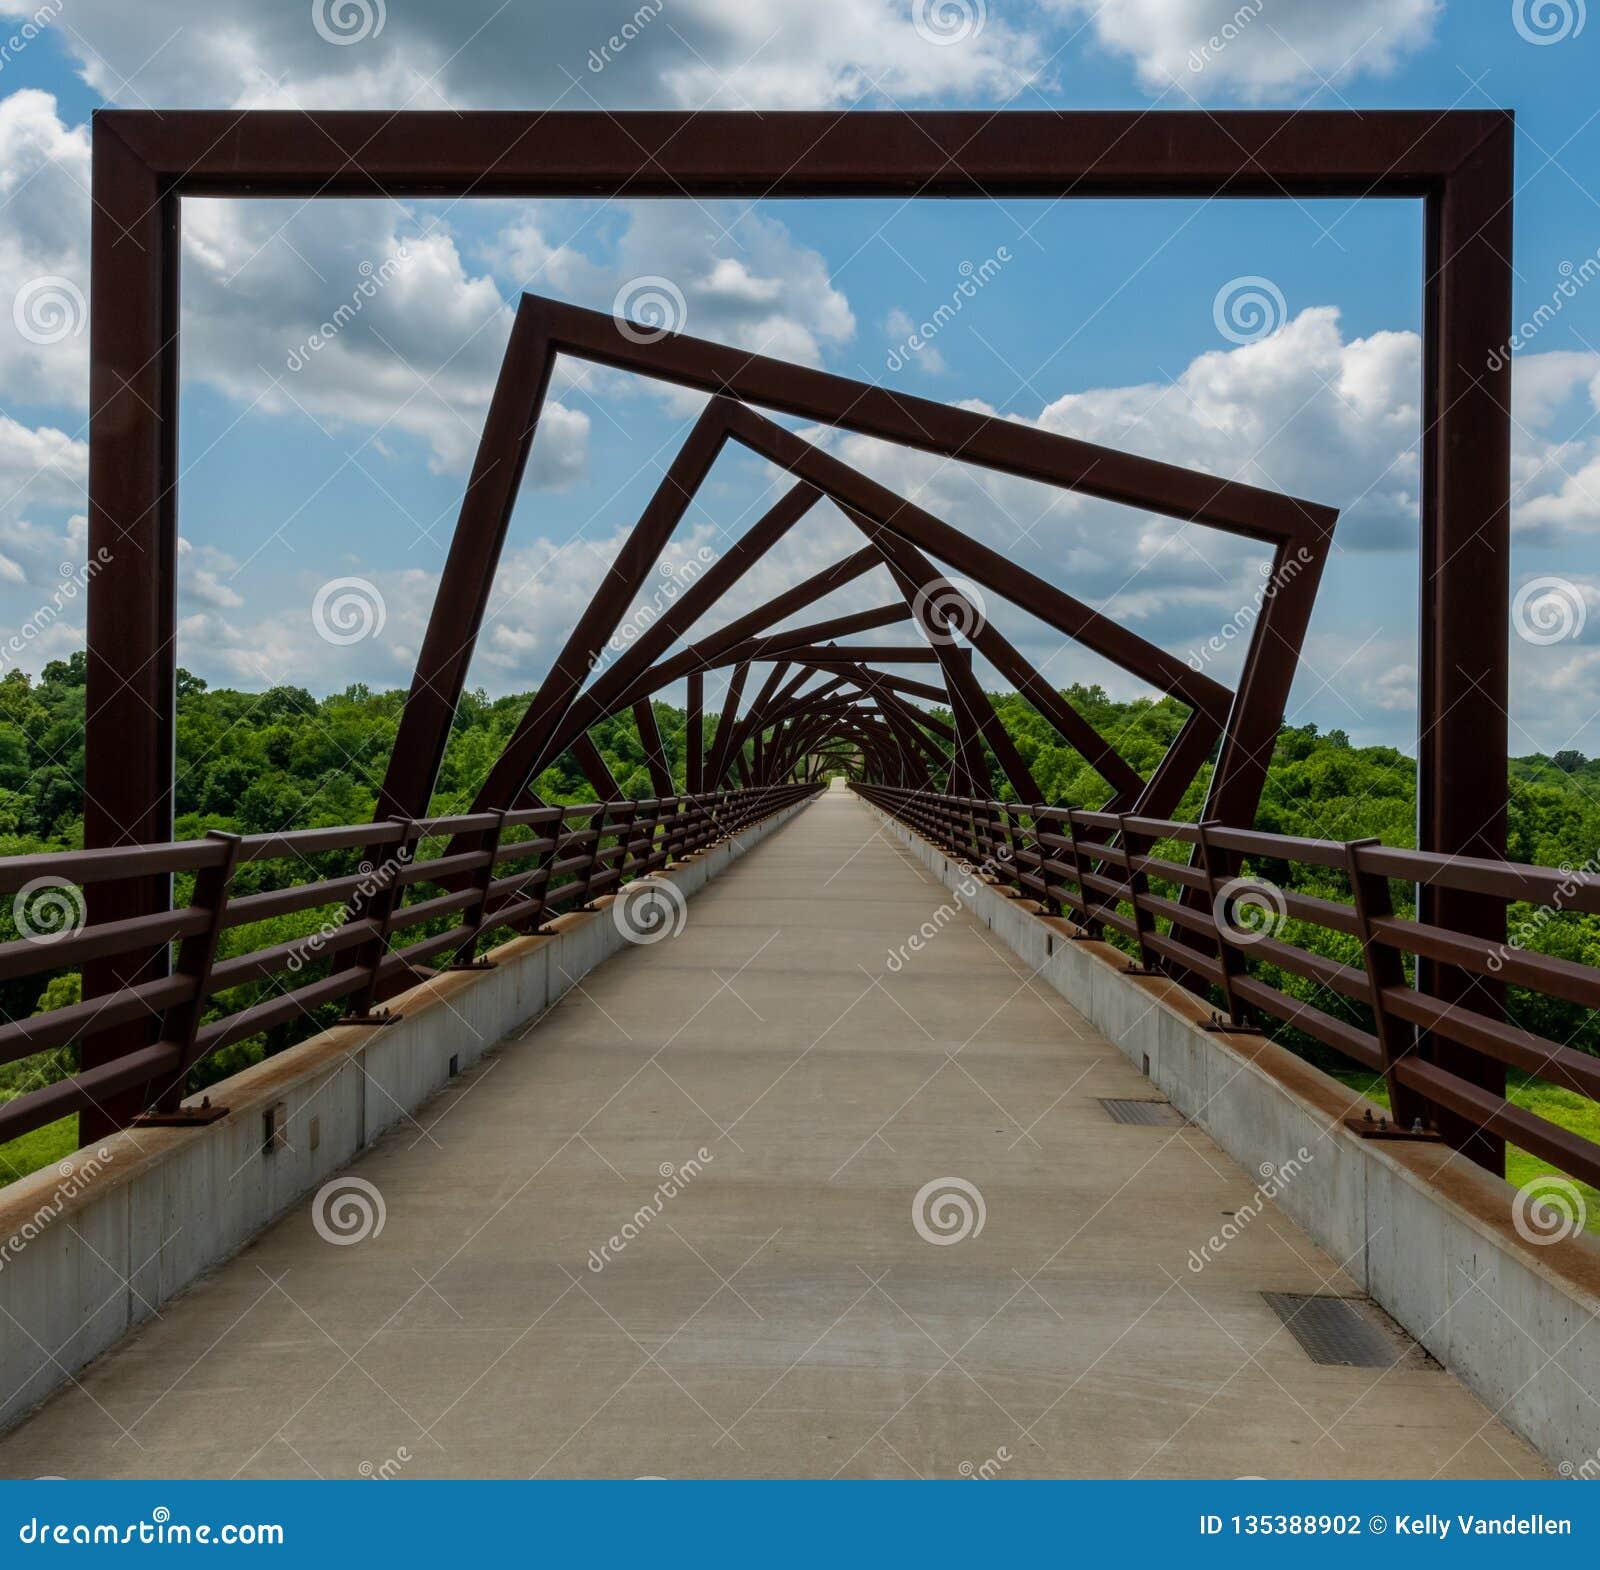 高支架足迹桥梁在农村衣阿华